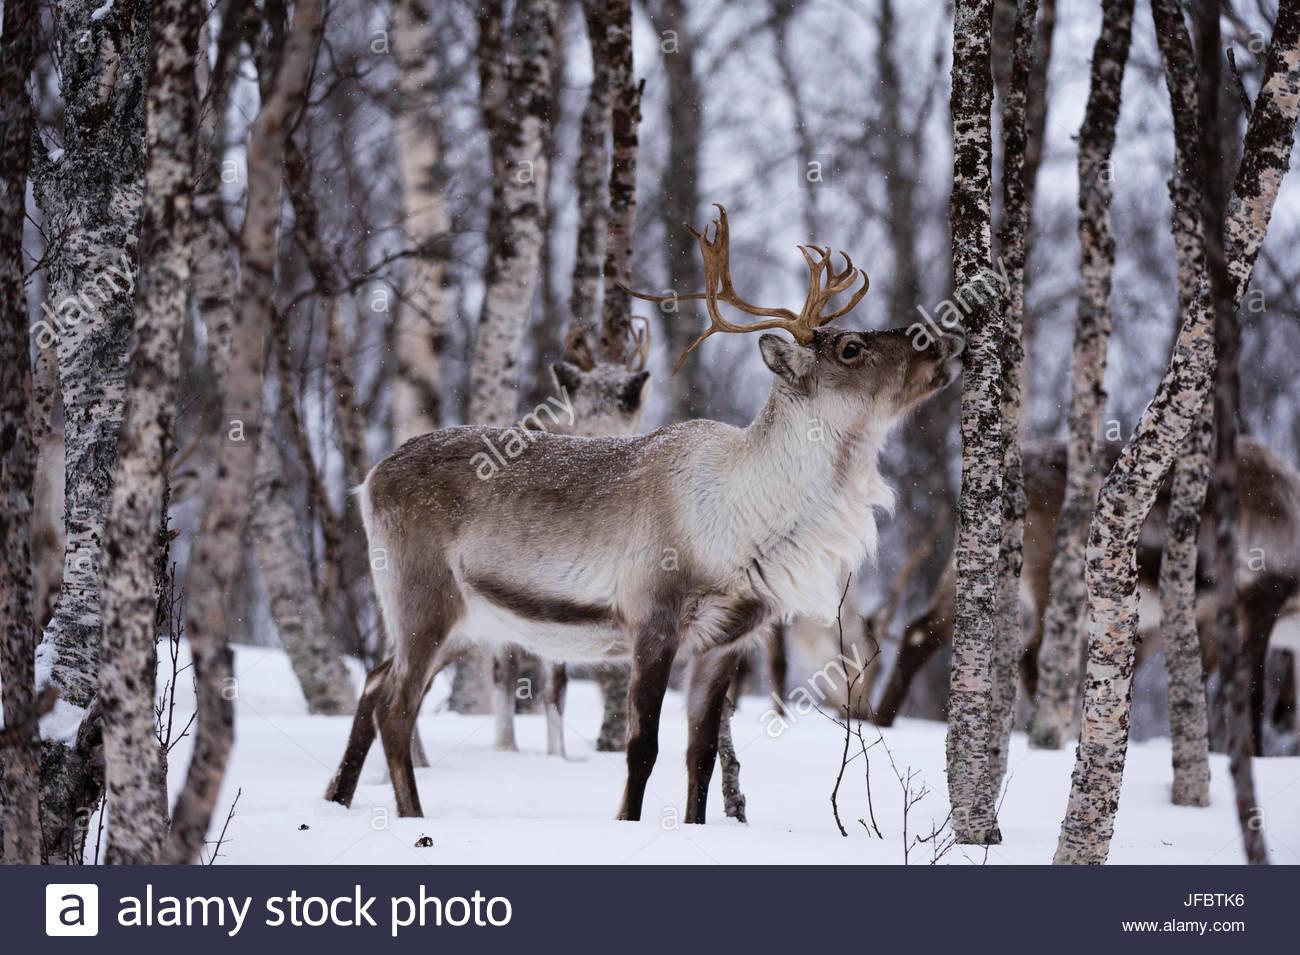 Ein Rentier Rangifer tarandus, in einem verschneiten Wald. Stockbild